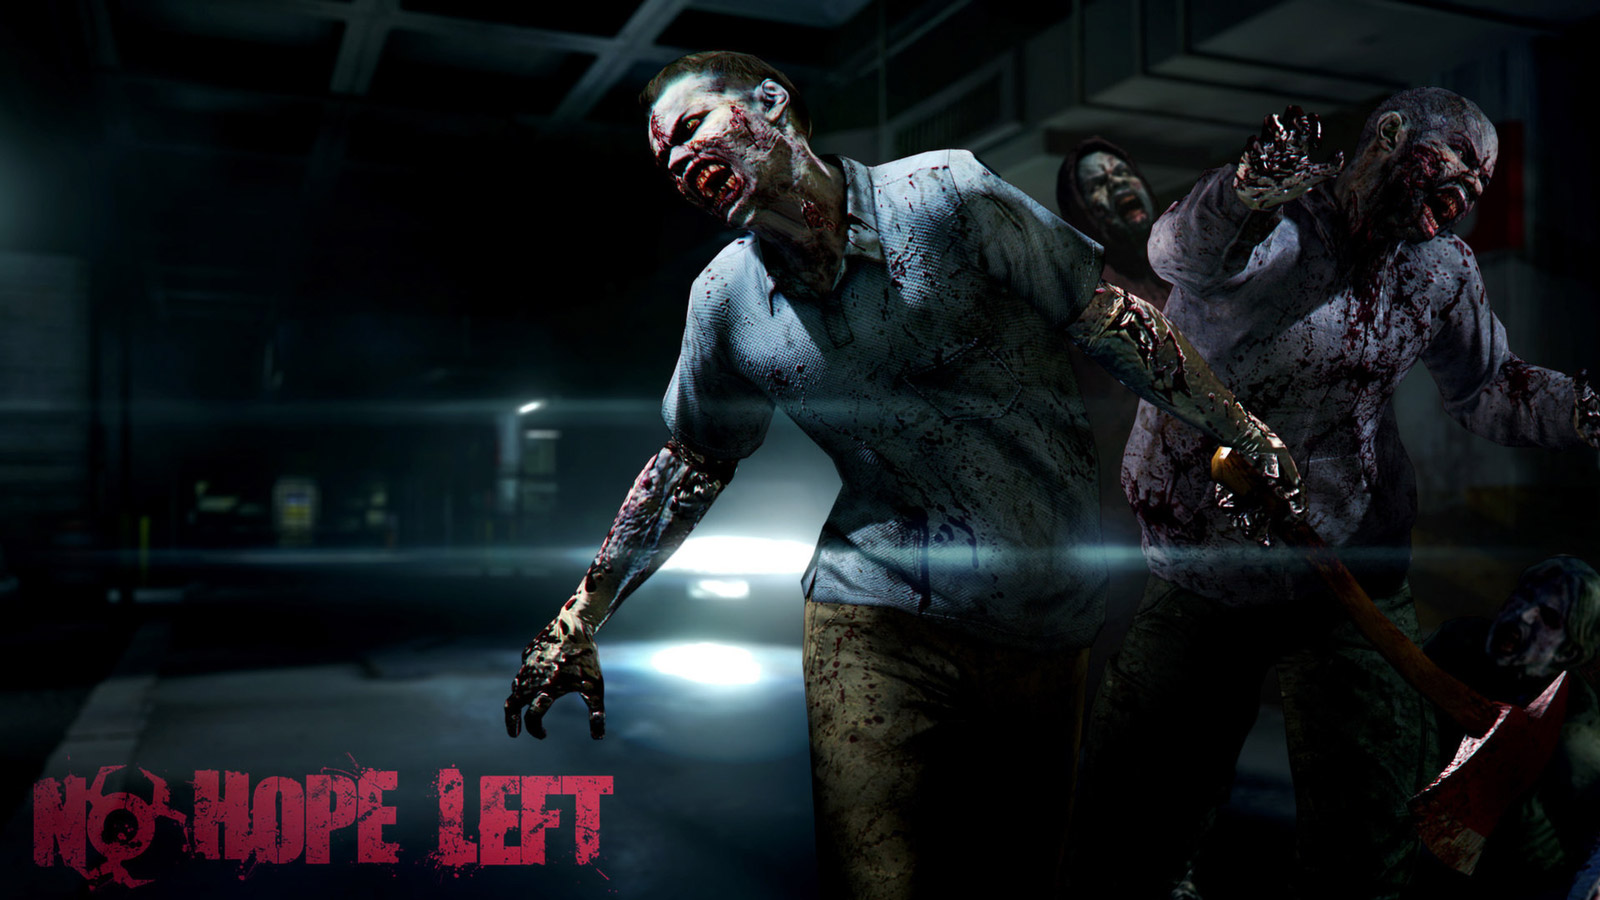 Free Resident Evil 6 Wallpaper in 1600x900